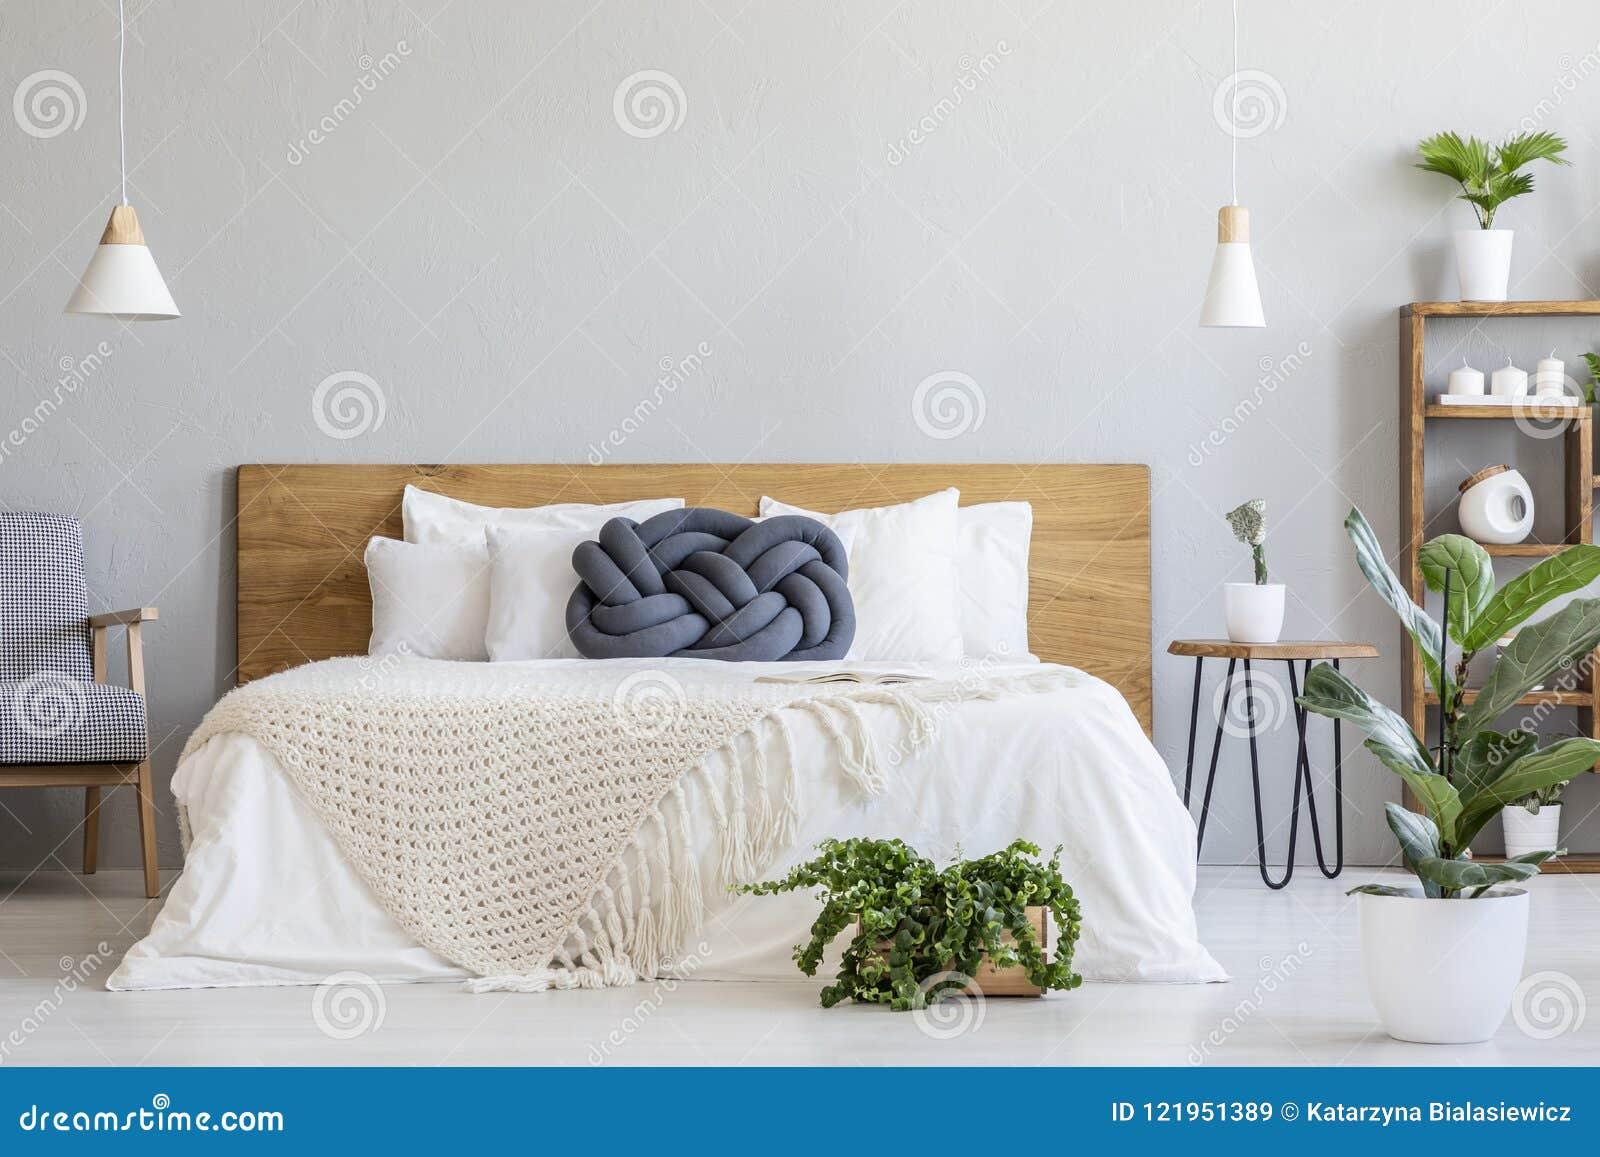 Houten hoofdbord bed. top bed bekleden in soorten stoffen with